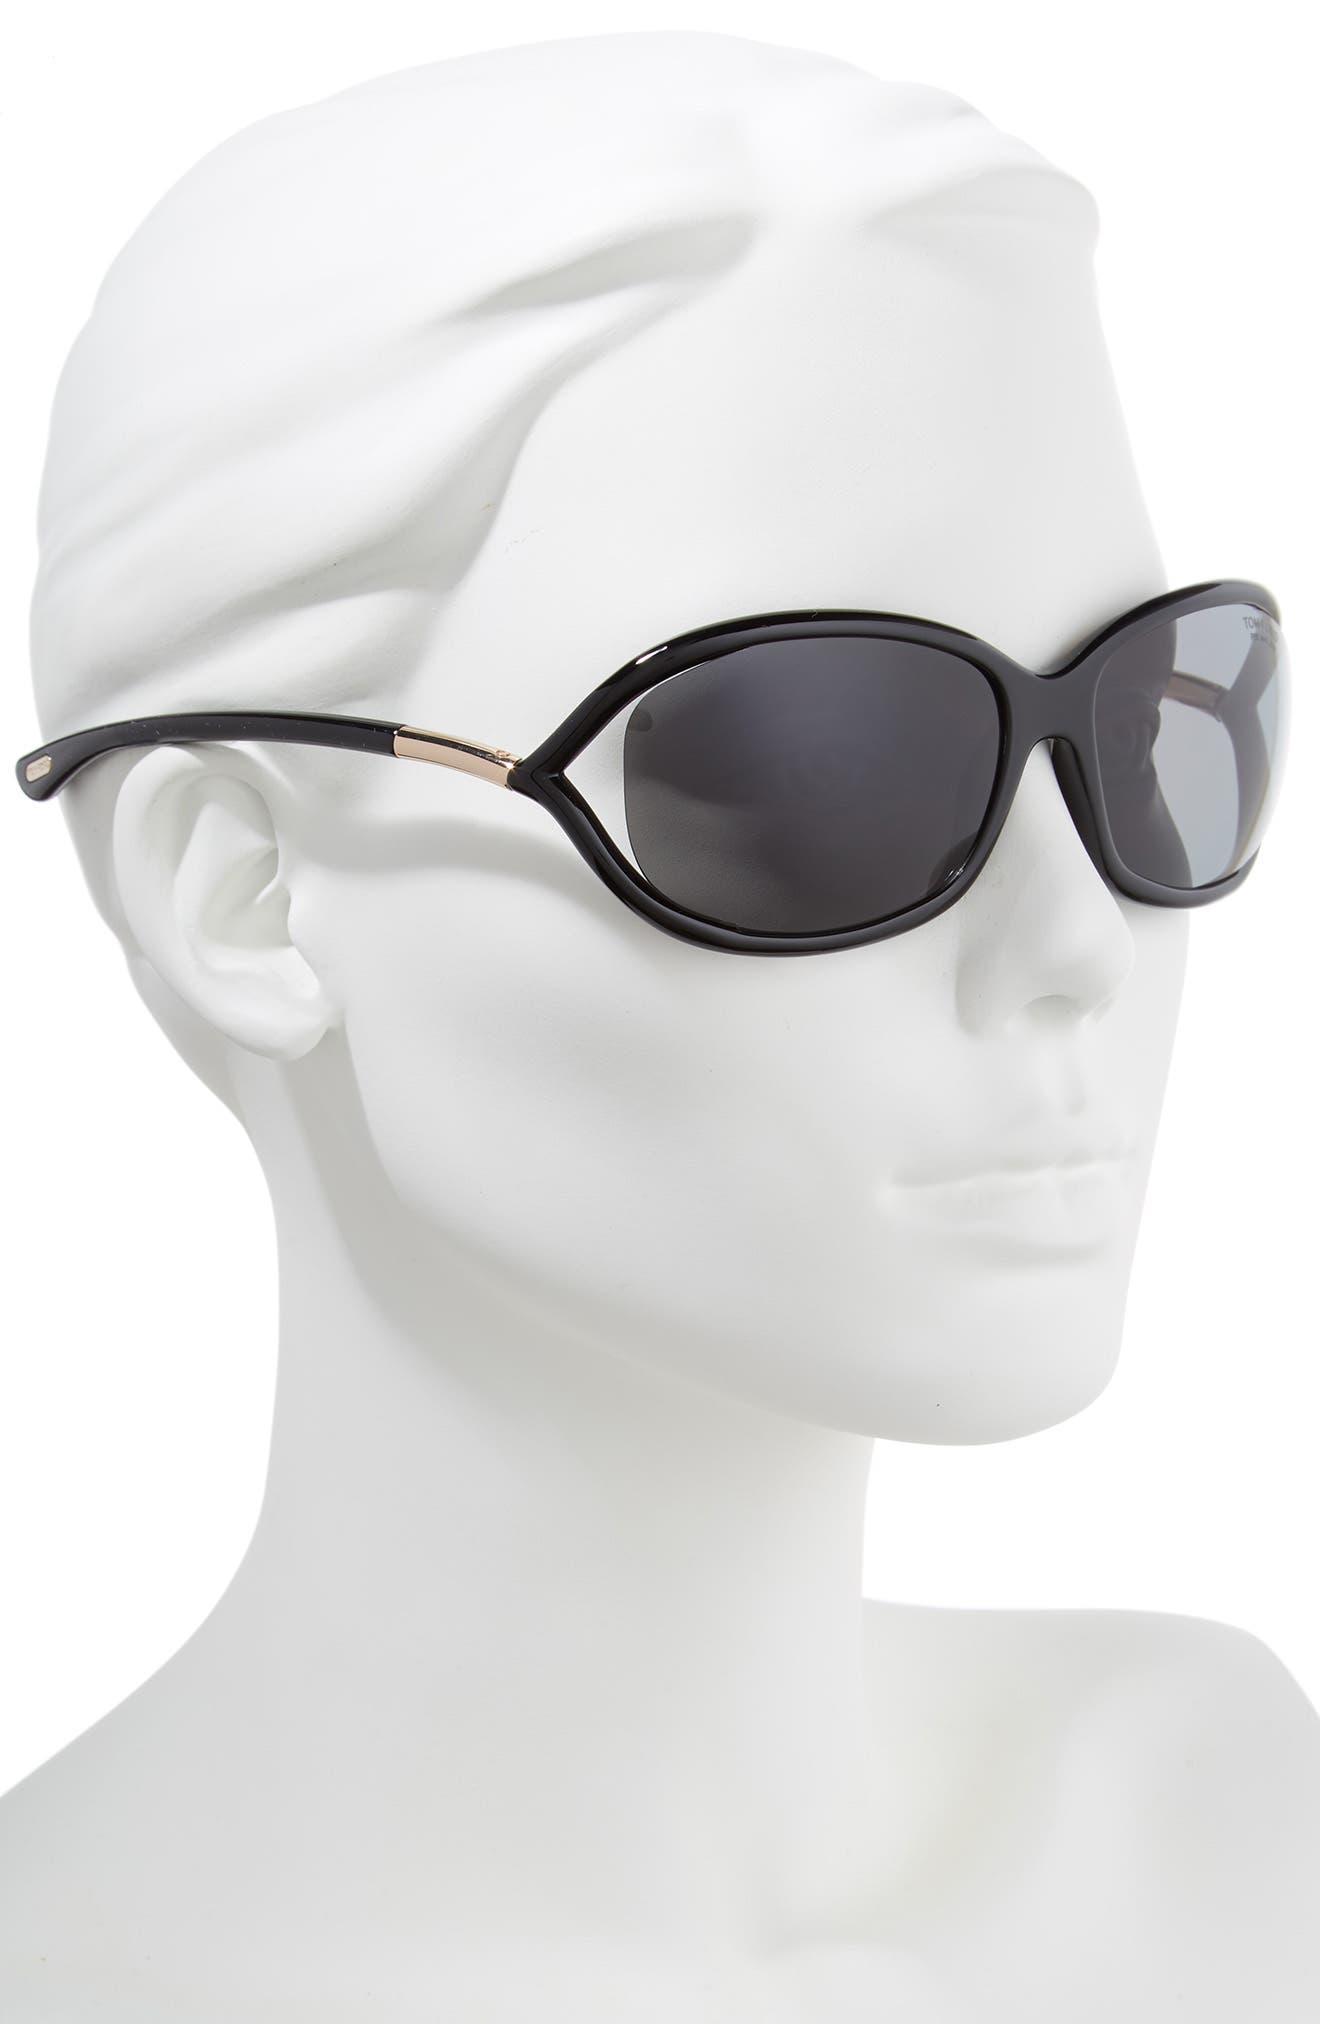 Jennifer 61mm Polarized Open Temple Sunglasses,                             Alternate thumbnail 2, color,                             Shiny Black/ Grey Polarized